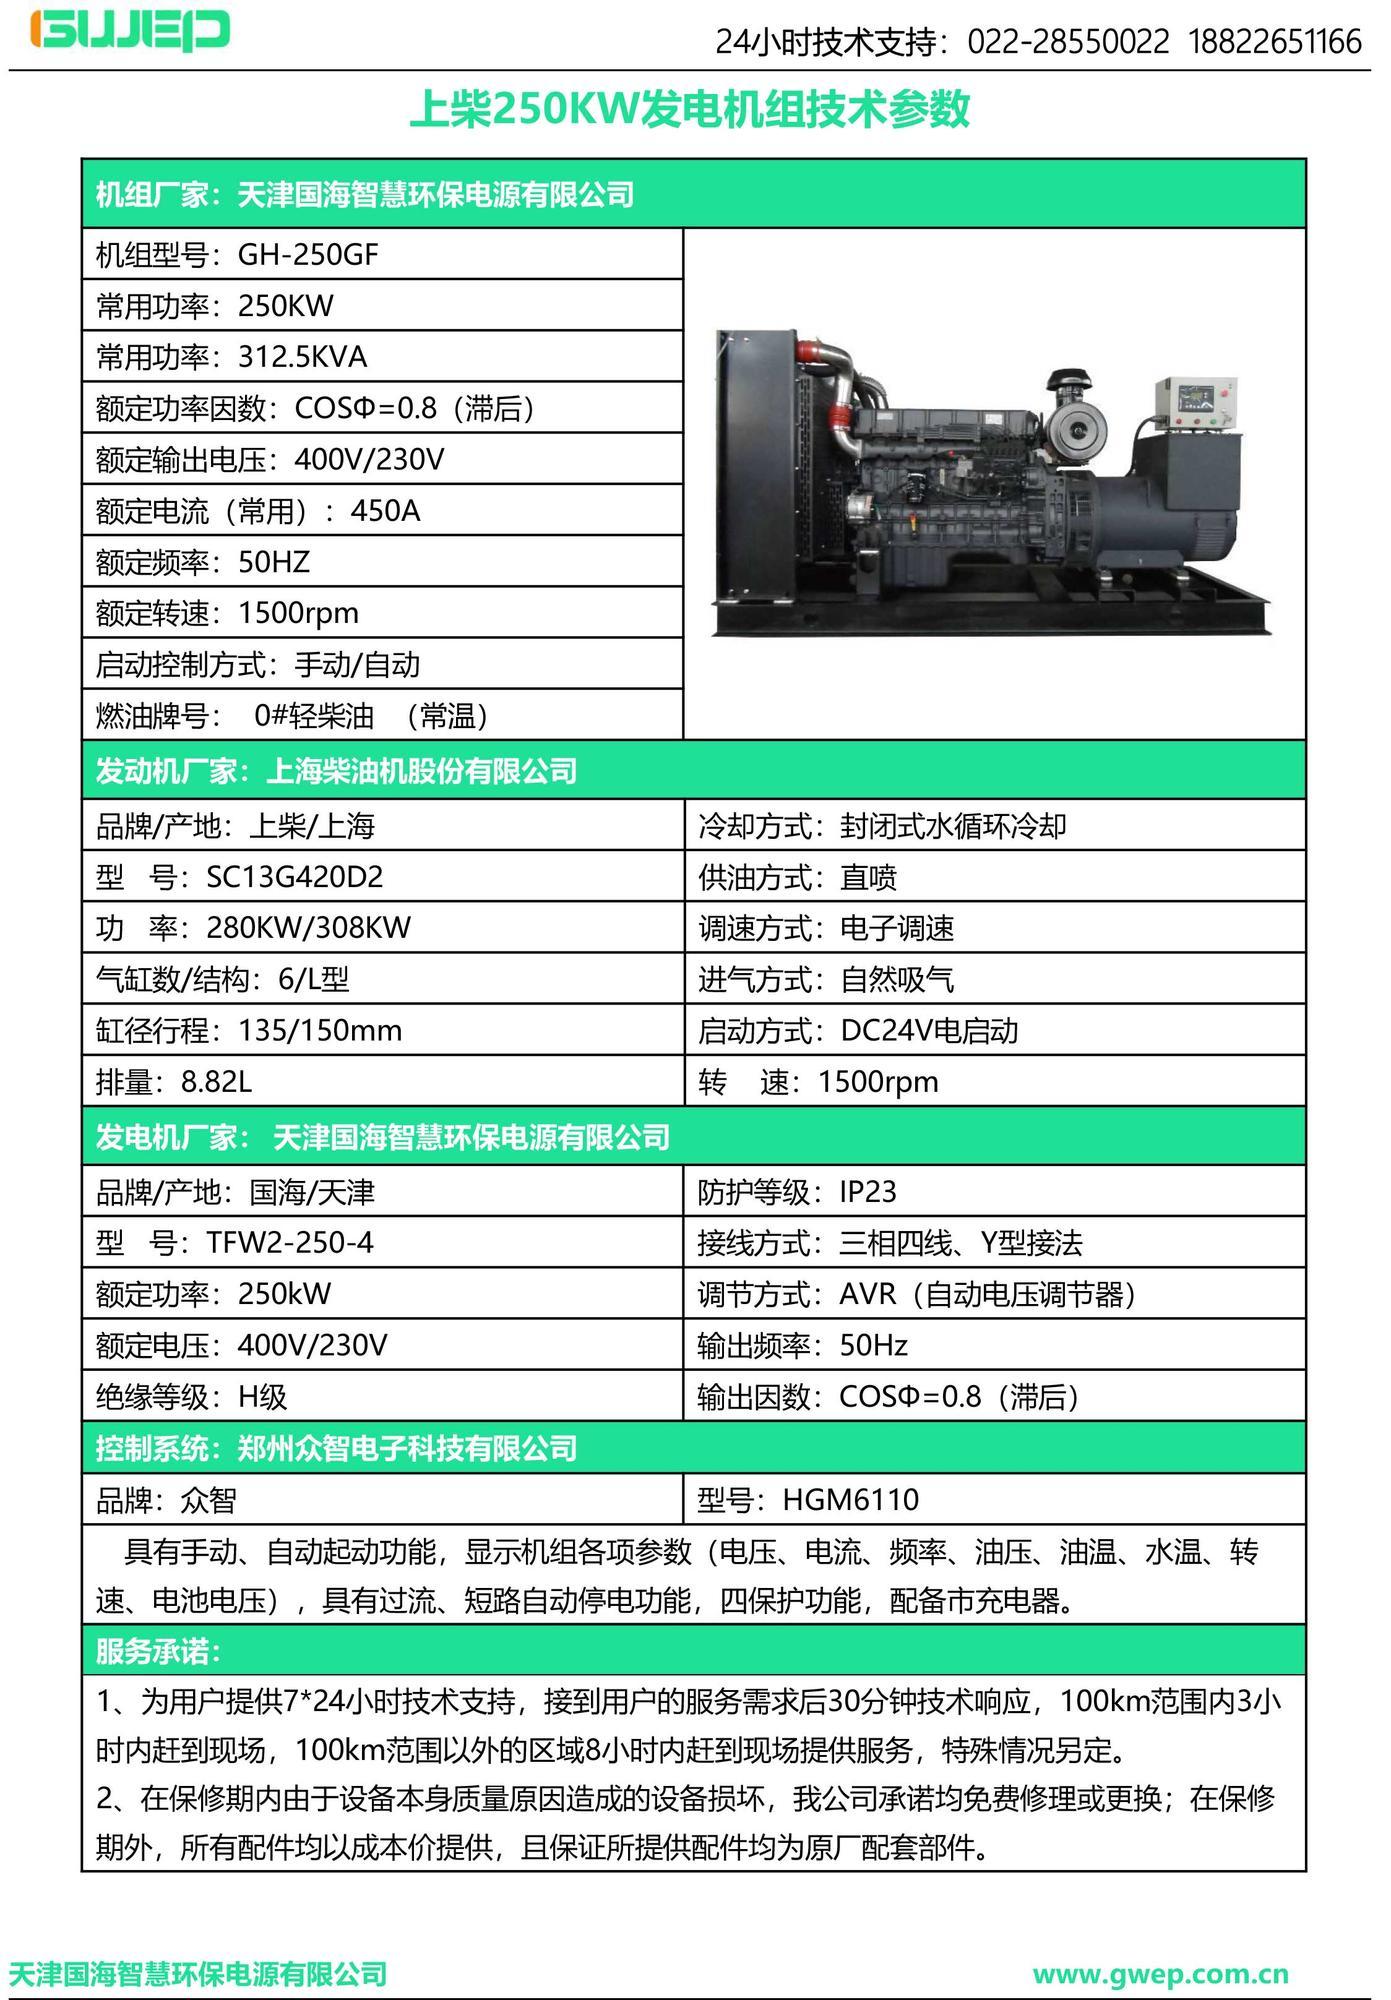 上柴250KW发电机组技术资料-2.jpg